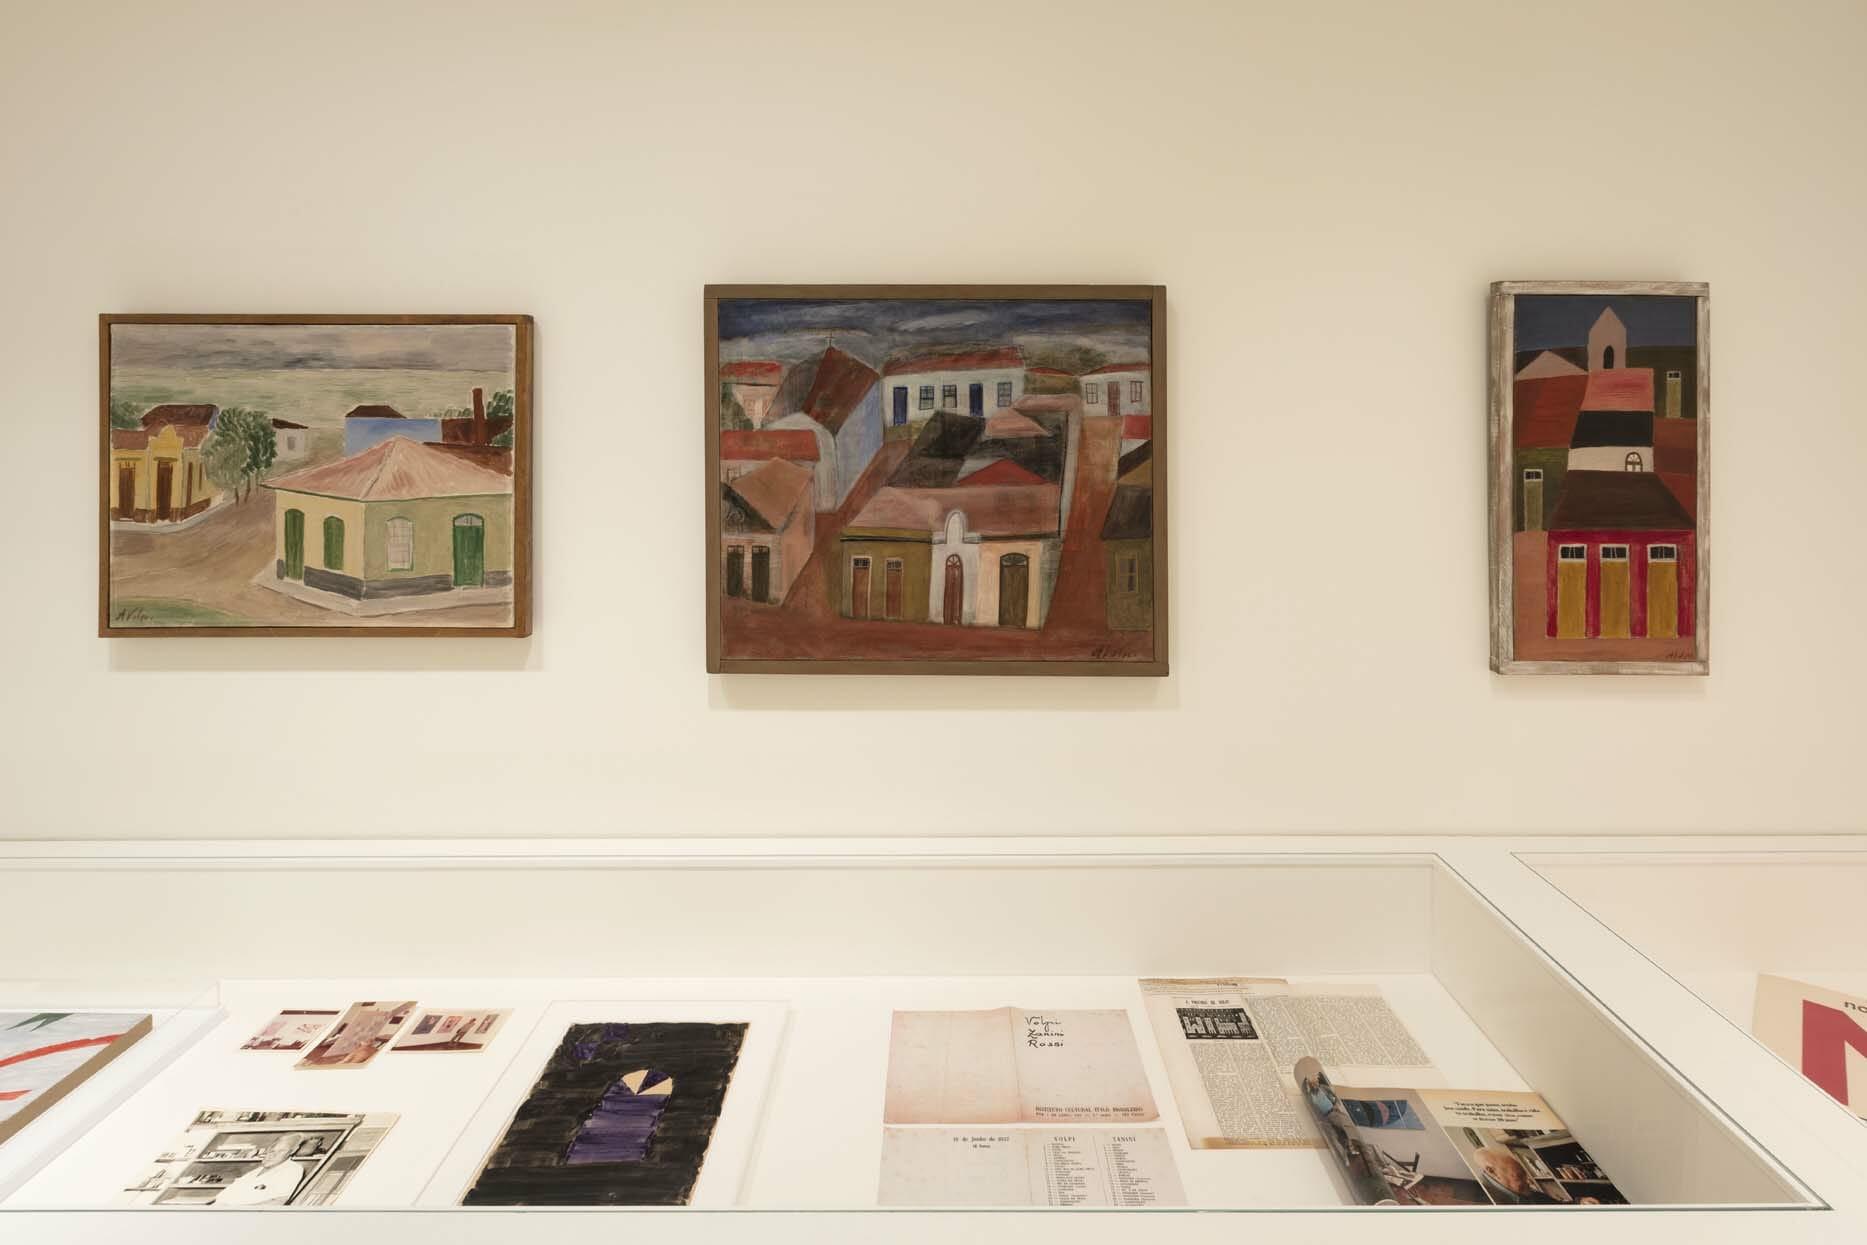 Выставка работ Альфредо Волпи